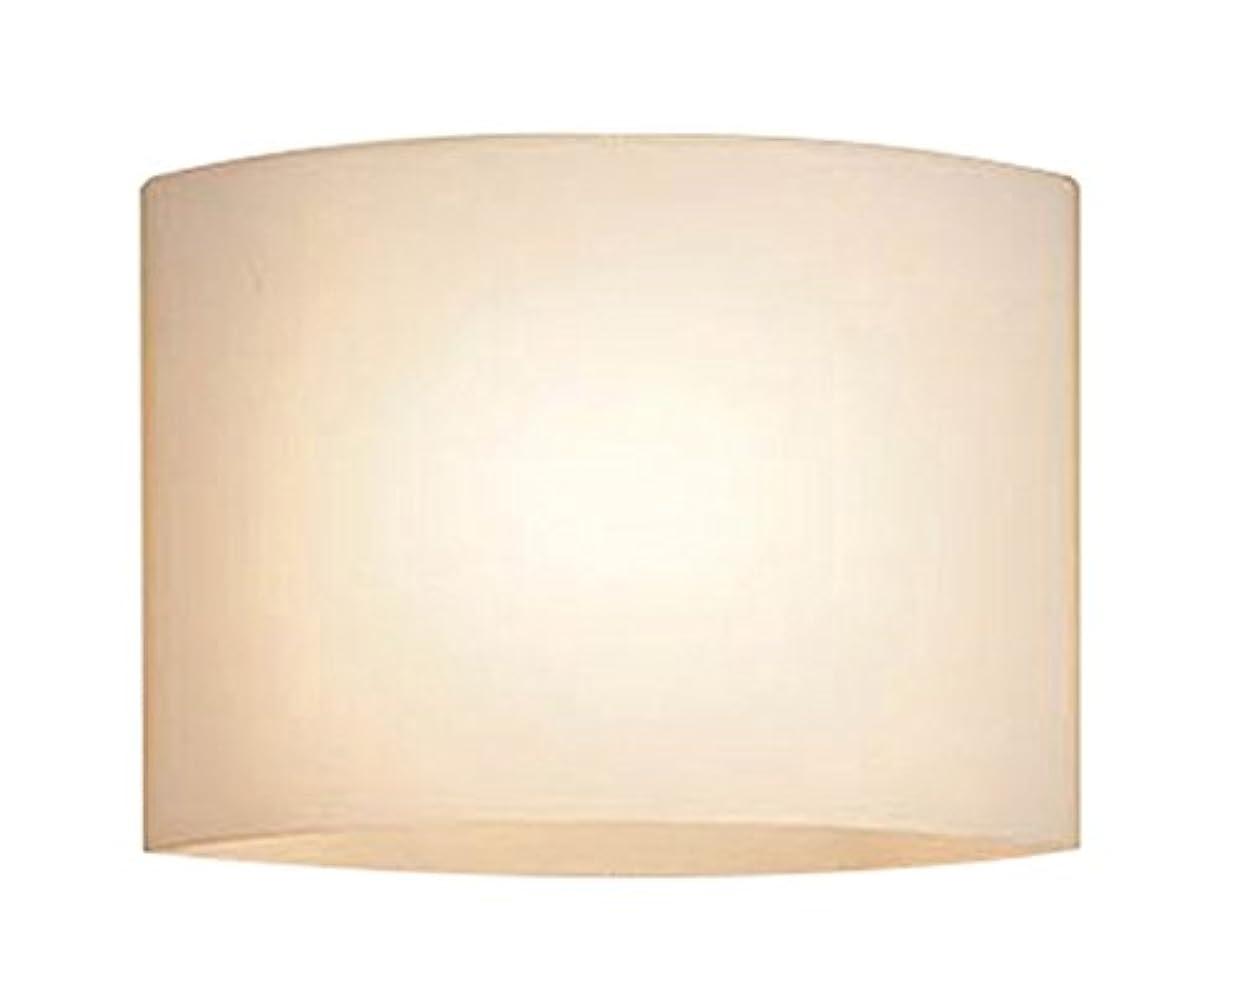 提供するバインド請求書コイズミ照明 ブラケットライト コーナー取付 電球色 AB35135L